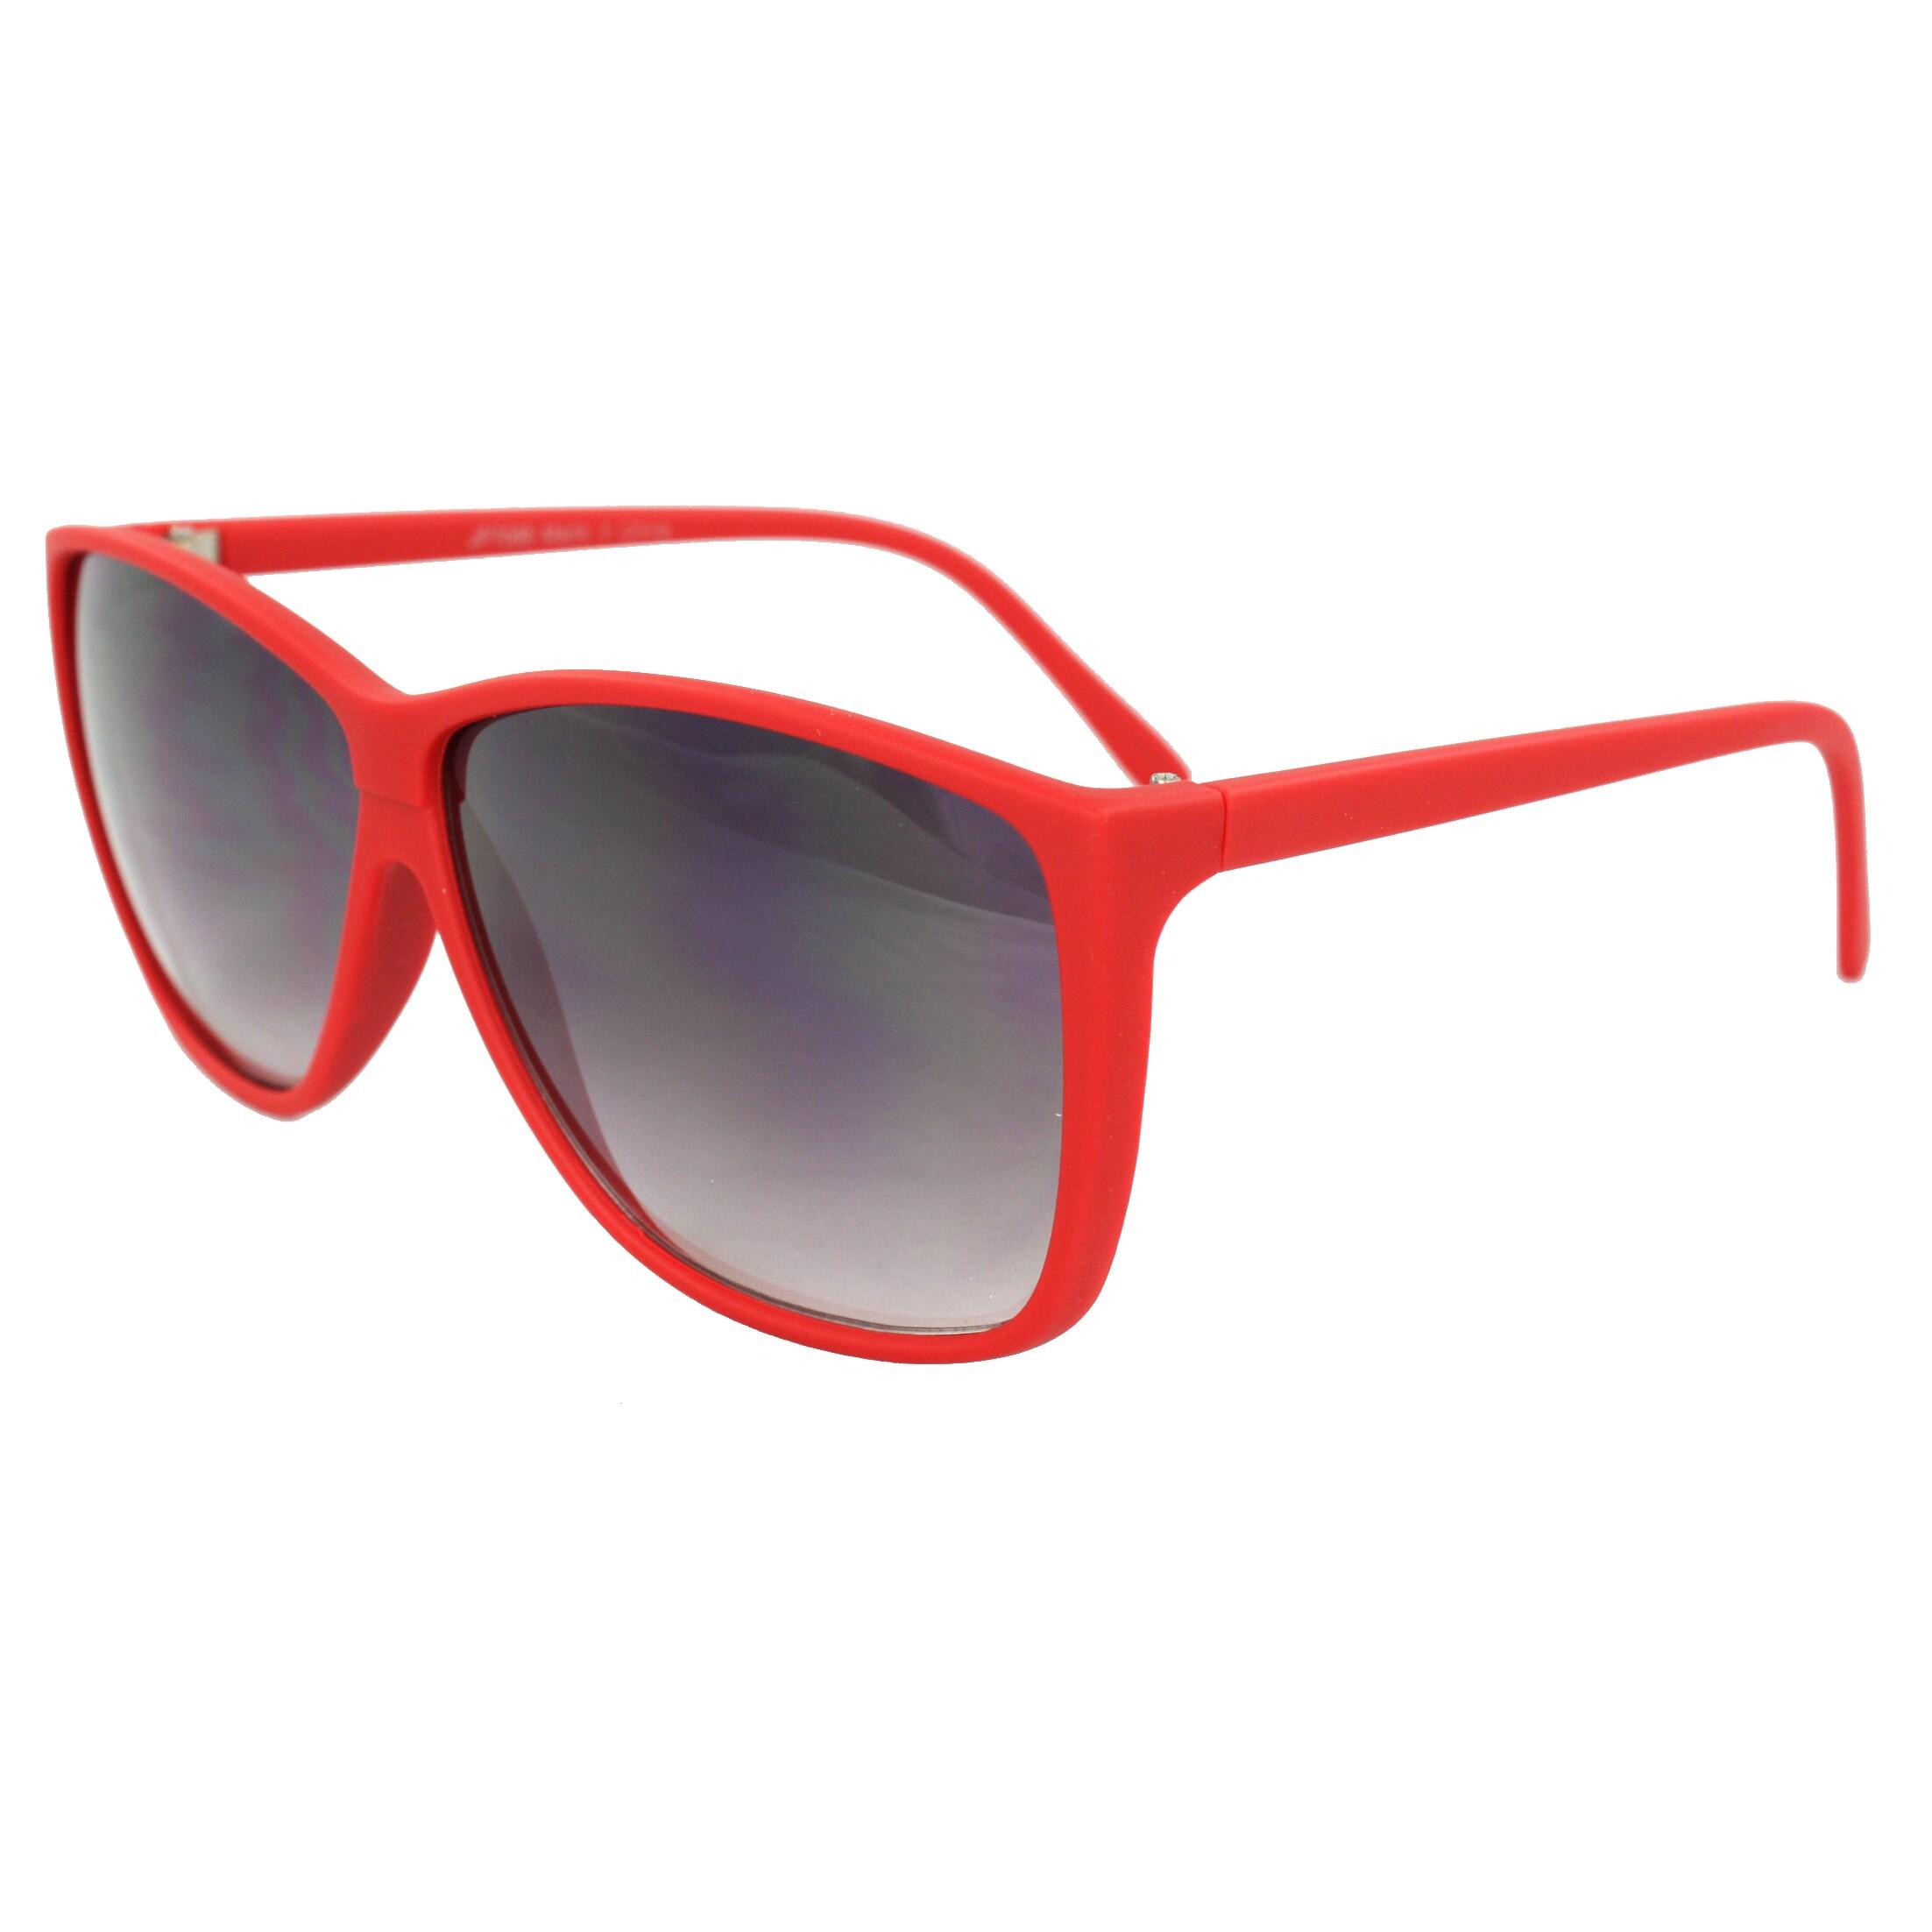 Women's Red Square Fashion Sunglasses